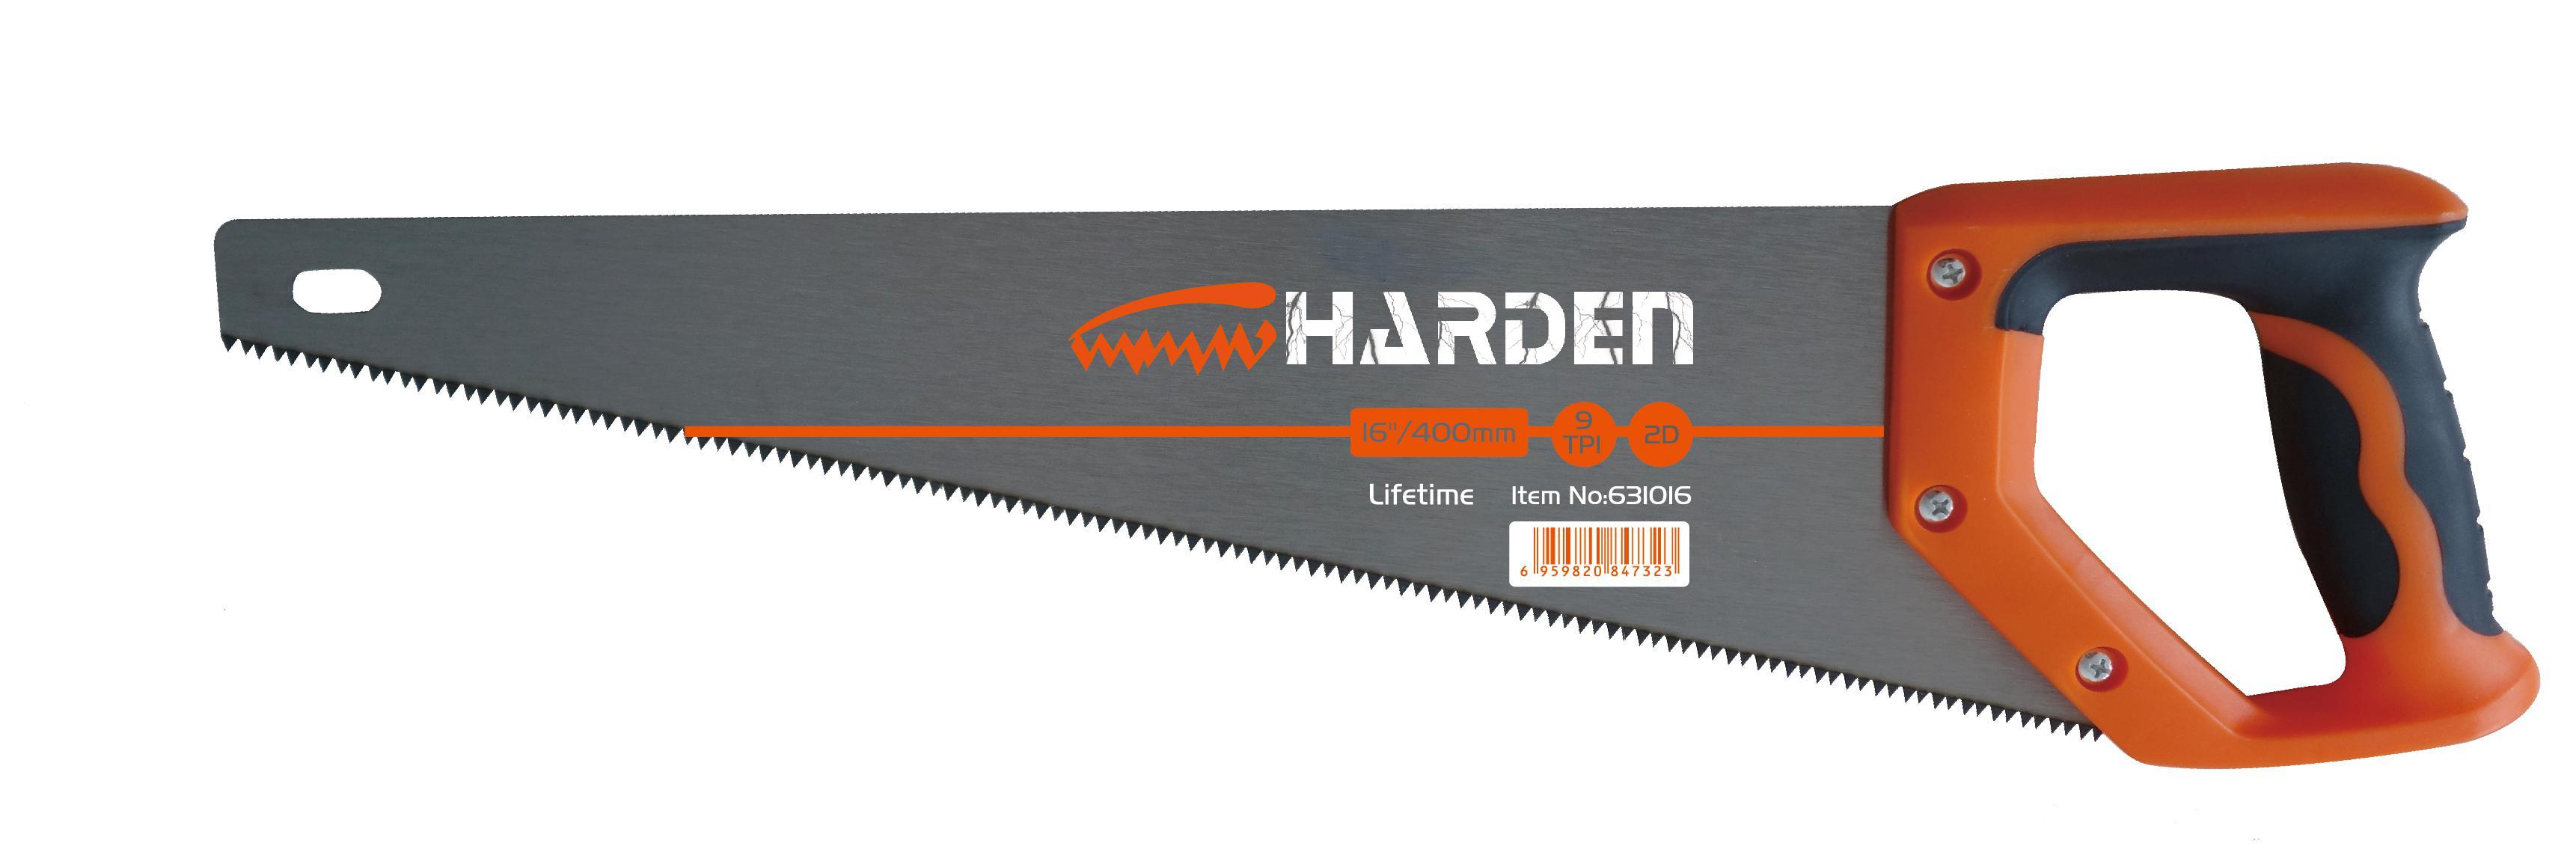 Купить Ножовка Harden 631020